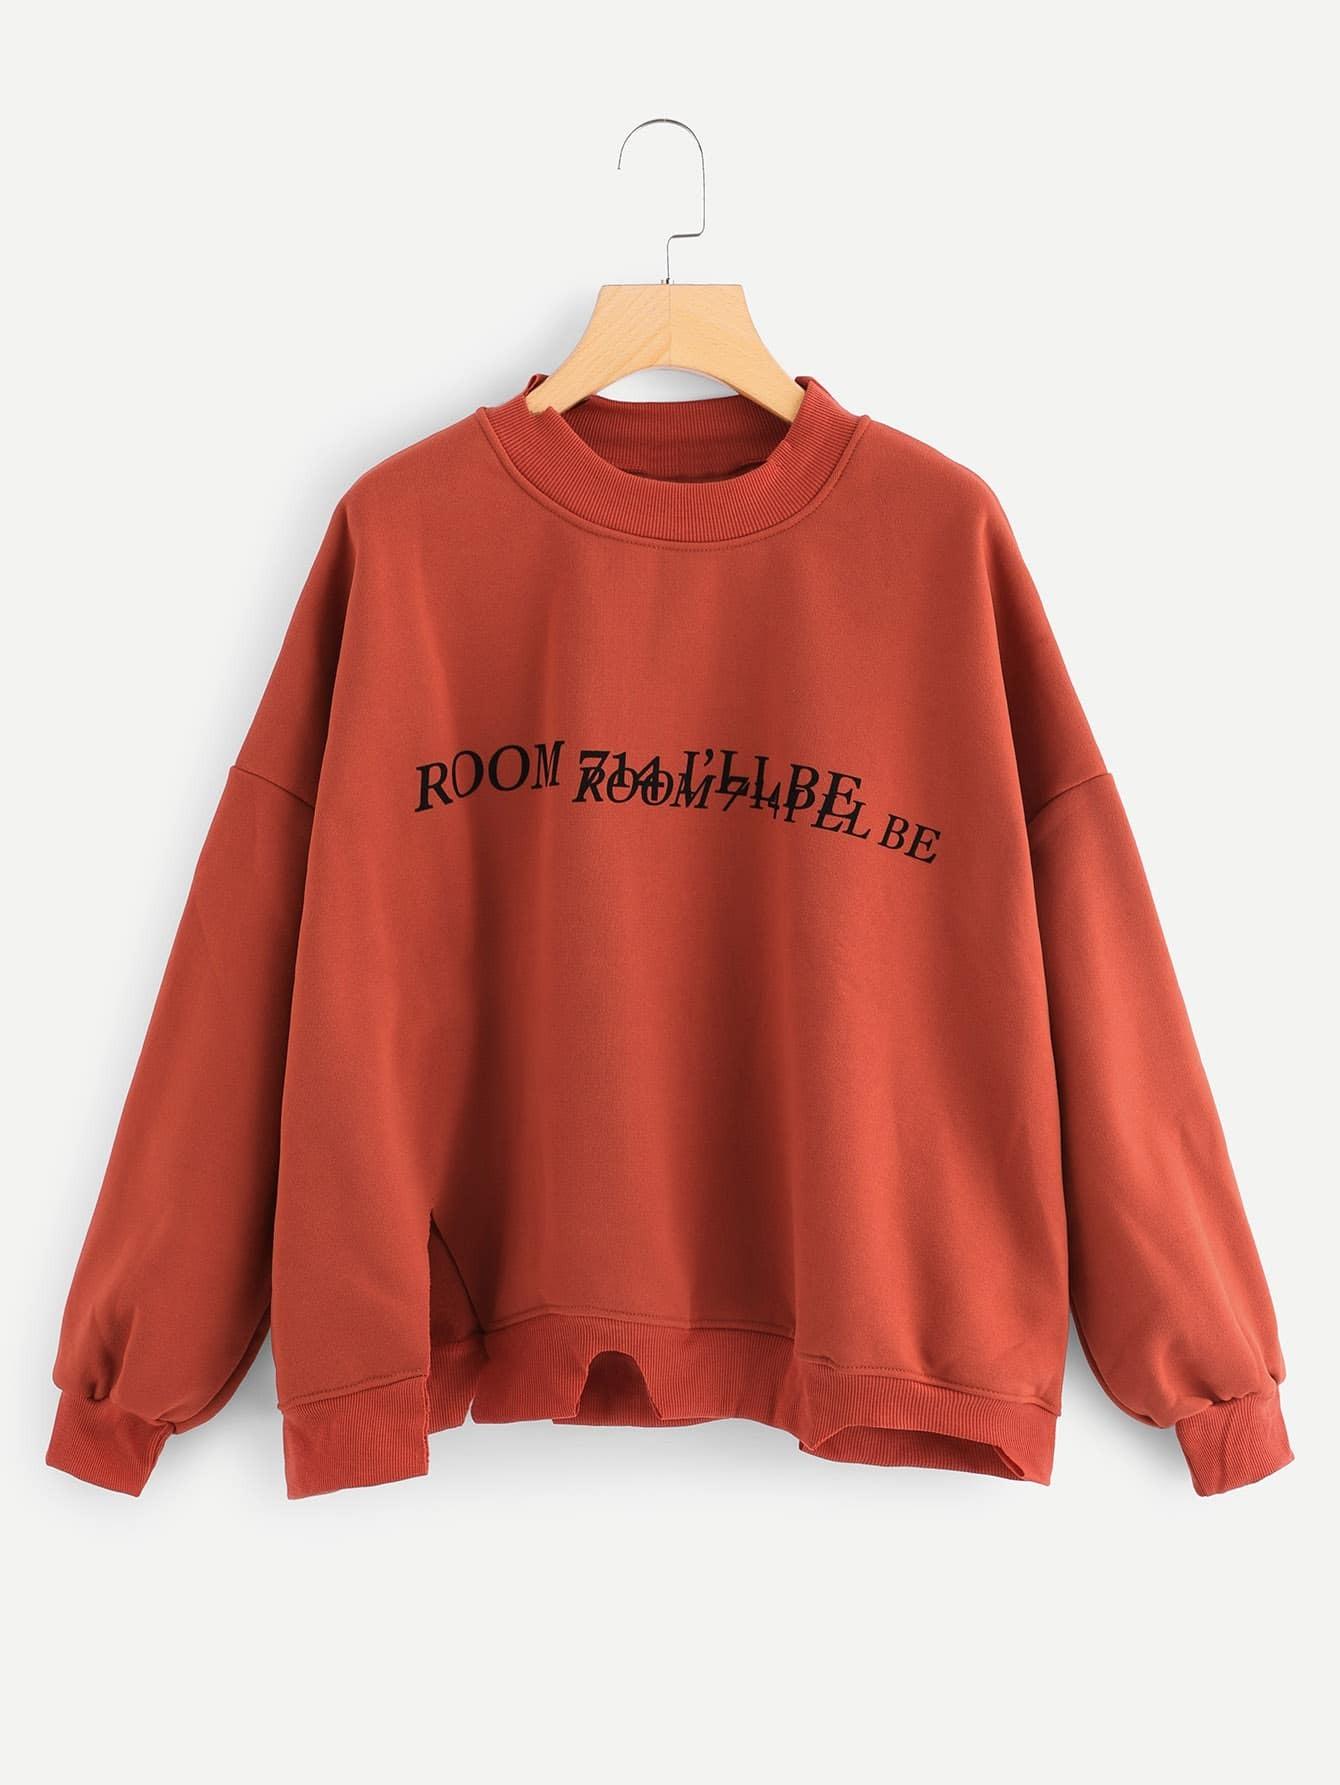 Plus Dropped Shoulder Letter Print Sweatshirt